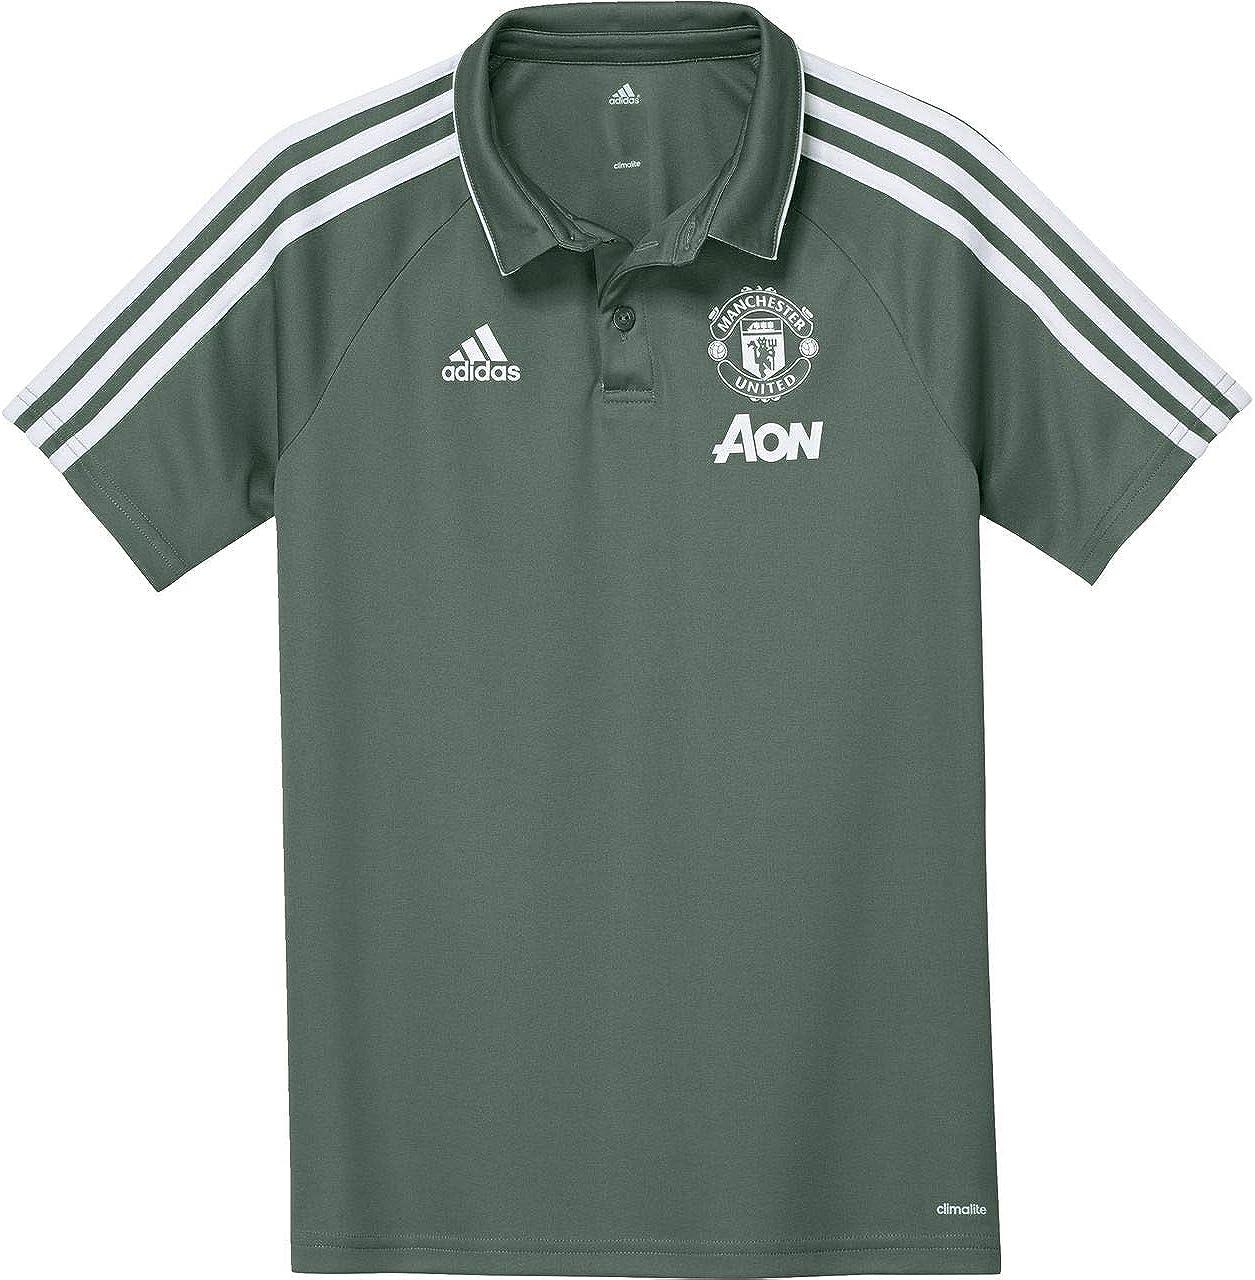 Adidas Children S Manchester United Polo Shirt Amazon Co Uk Clothing